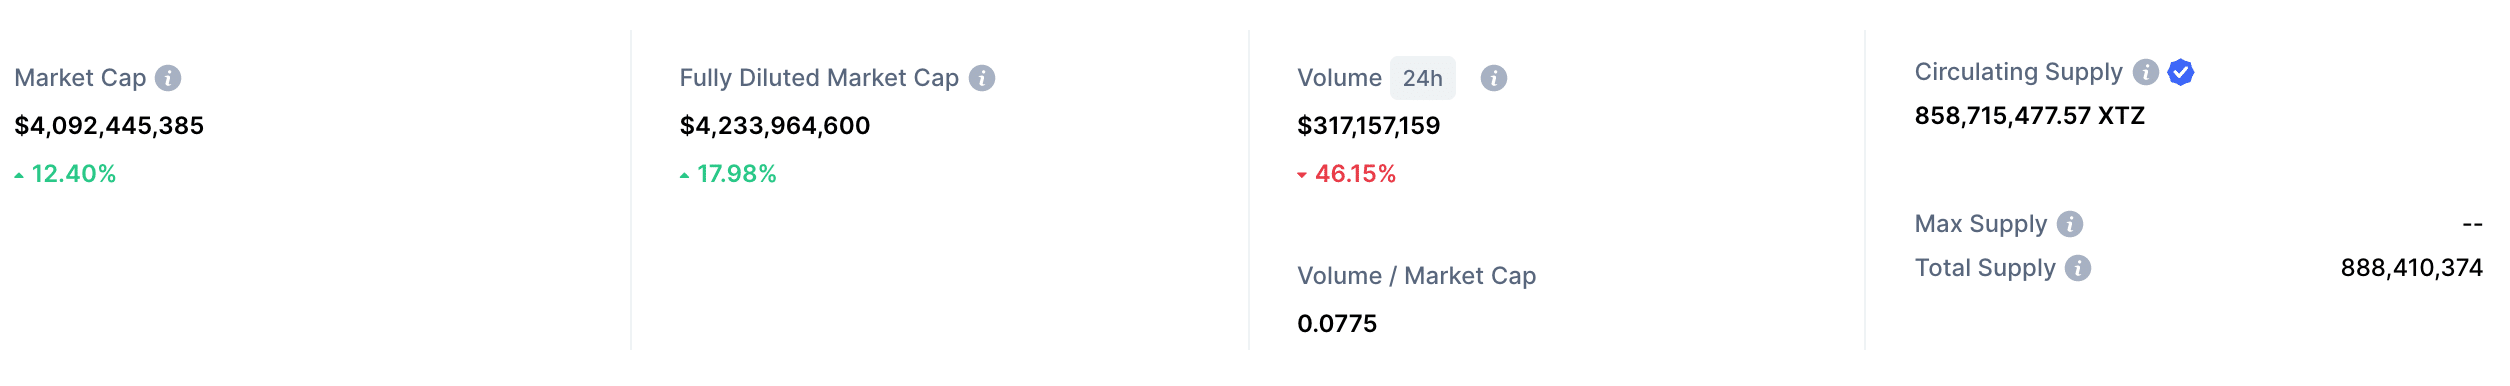 tezos market cap